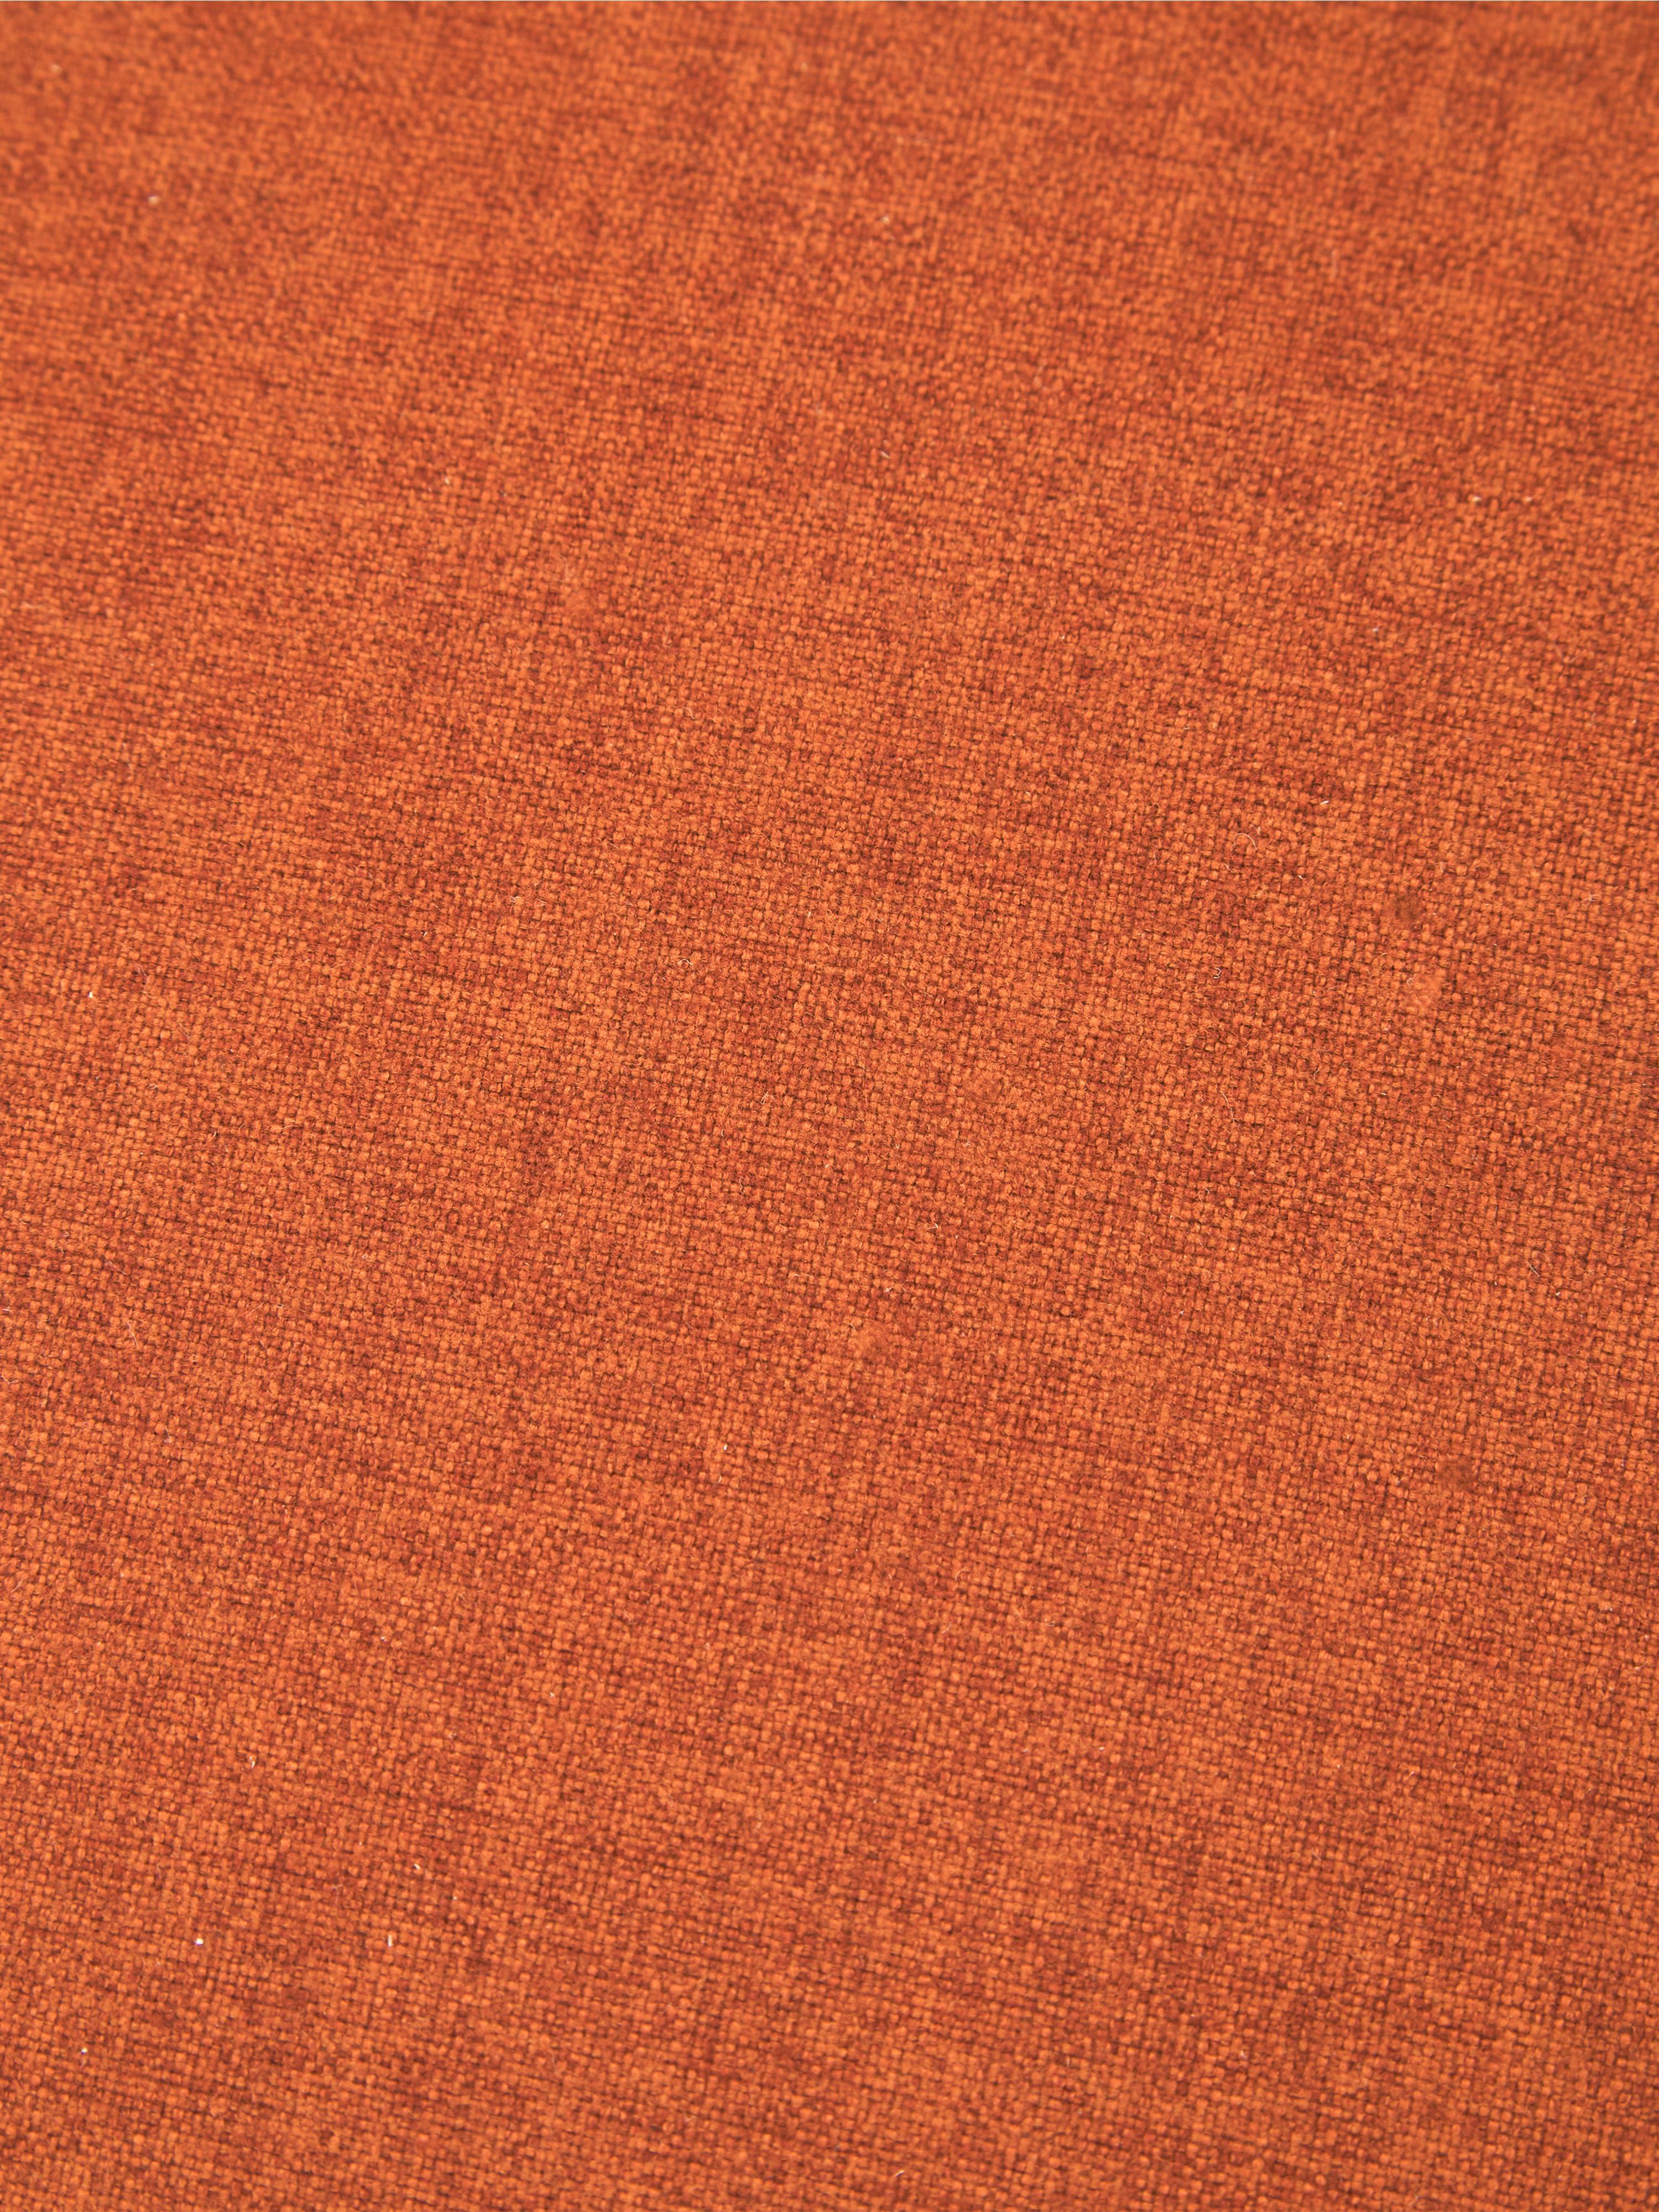 Hocker Mara mit Wiener Geflecht, Bezug: Polyester 40.000 Scheuert, Rahmen: Sperrholz, Fuß: Massives Birkenholz, Ratt, Terrakotta, Ø 37 x H 40 cm